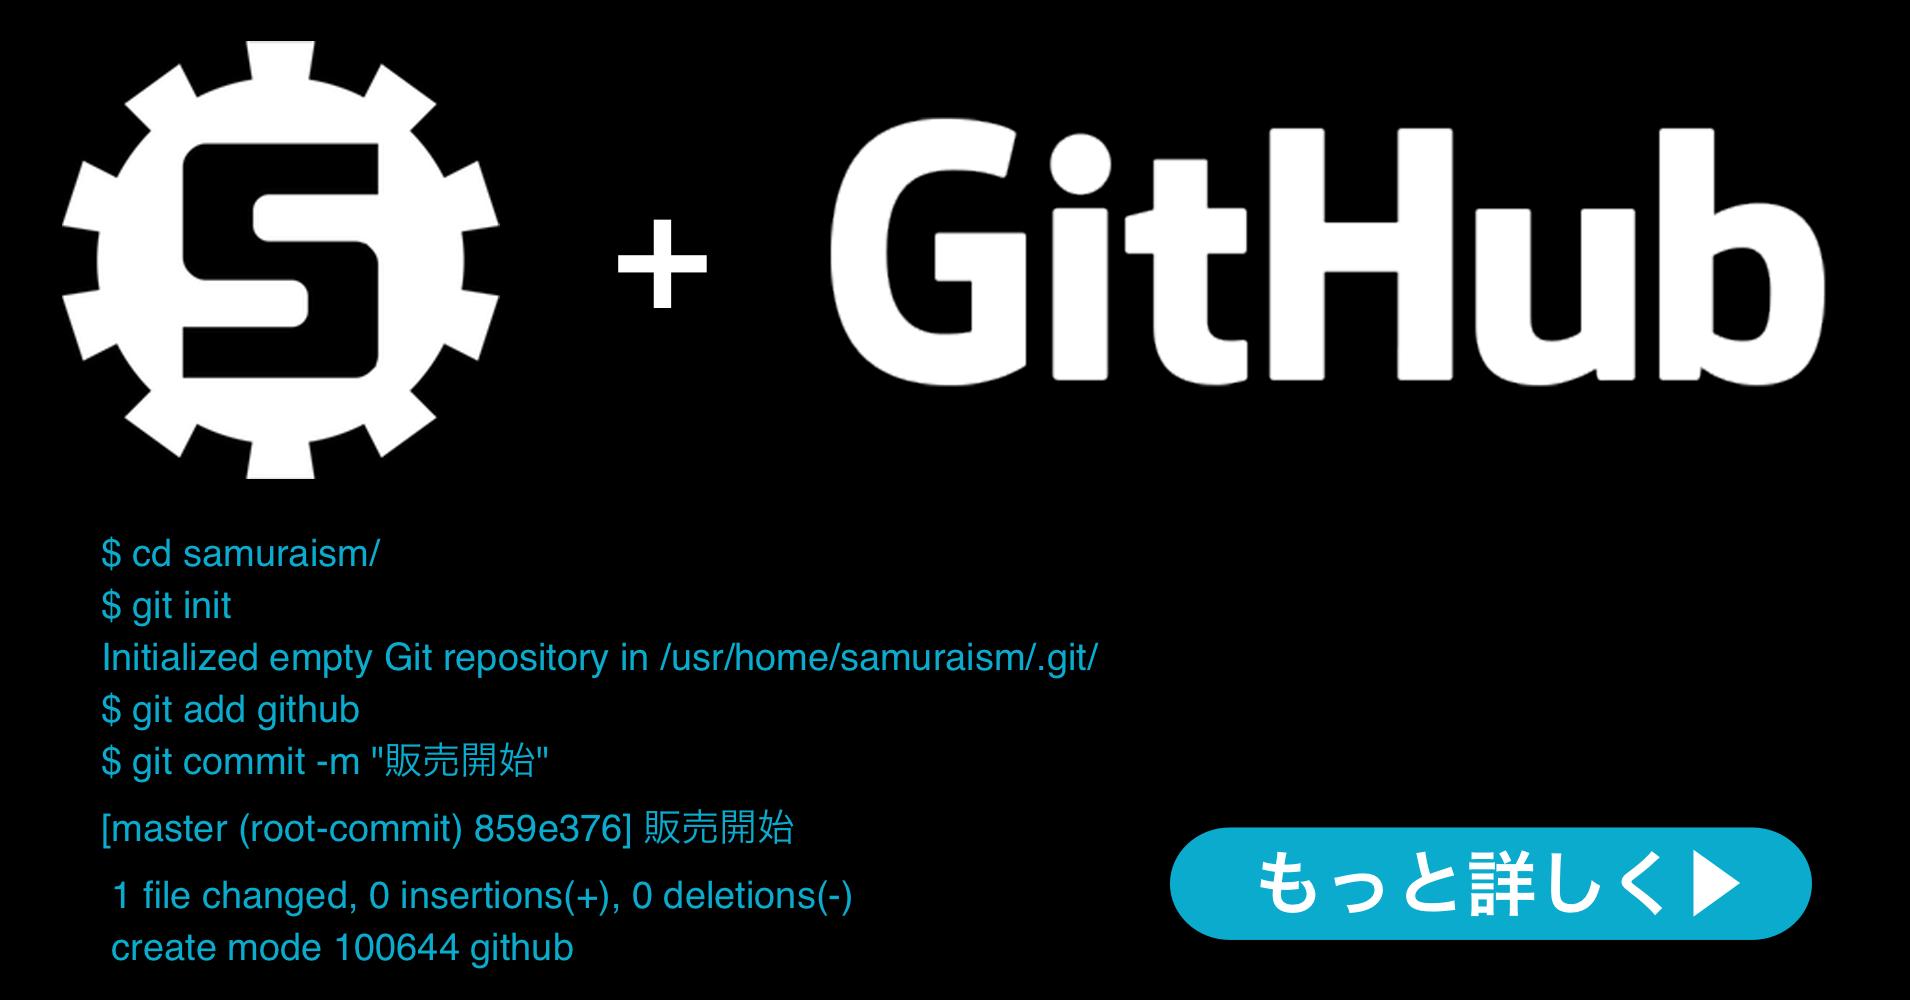 株式会社サムライズム  GitHub社の GitHub Enterprise  のランディングページを公開いたしました